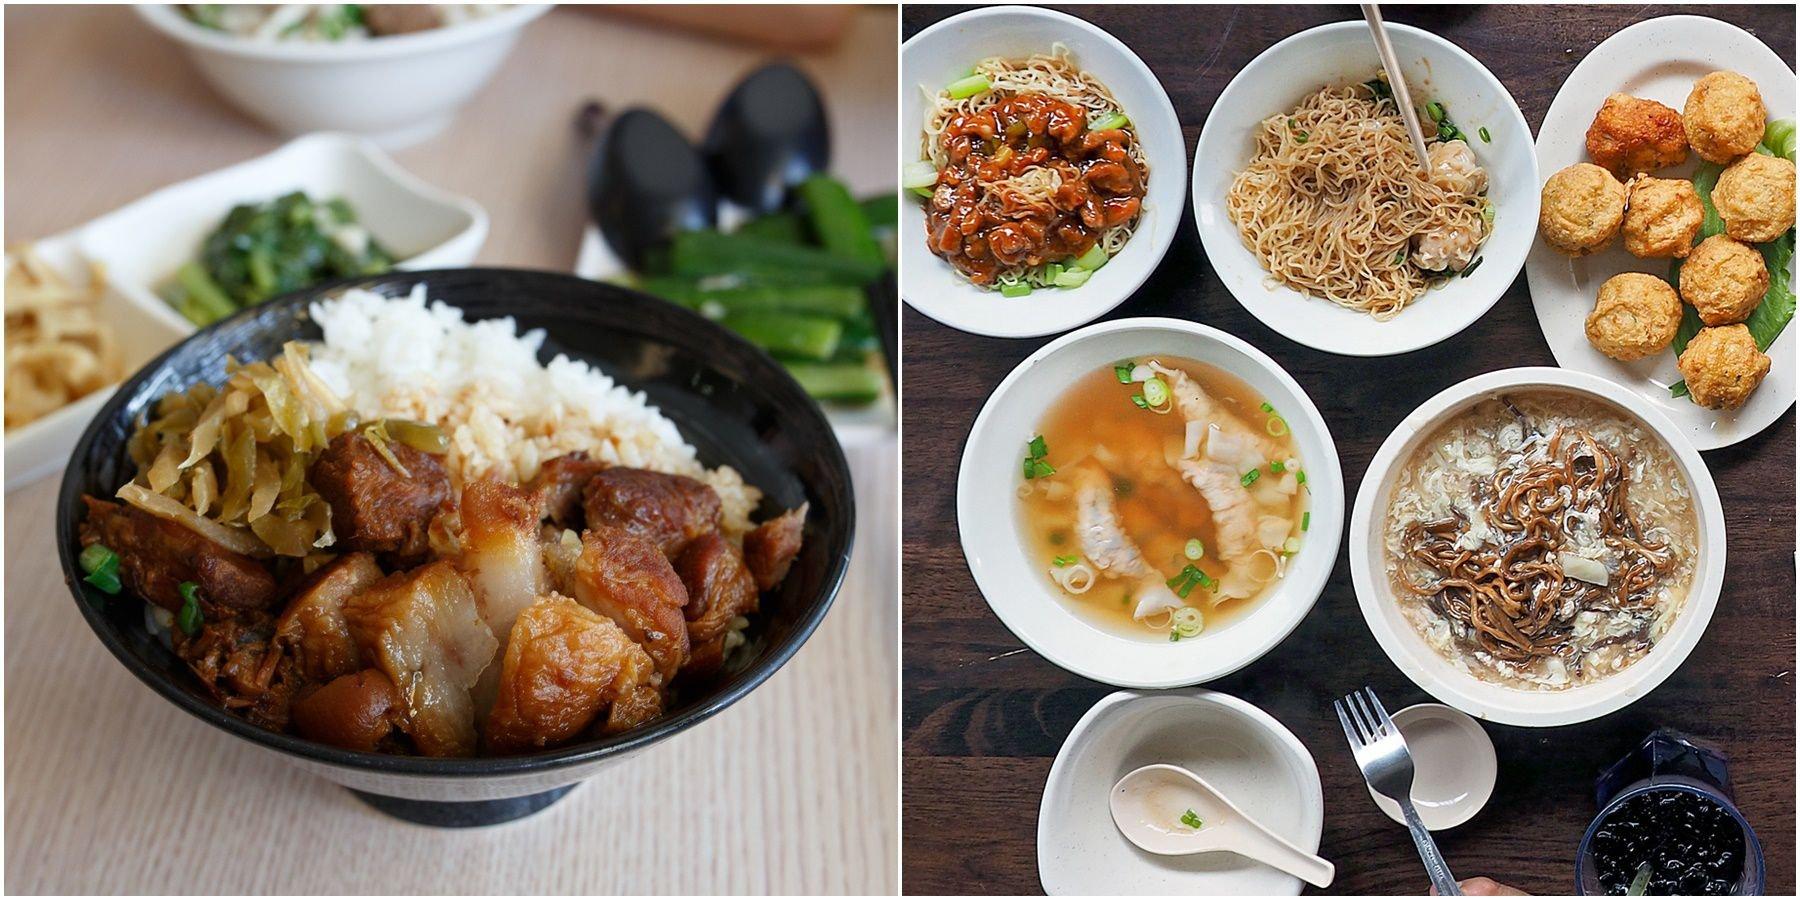 img 5b1f0fc8b853f.png?resize=1200,630 - 全球「十大美食城市」公開,台灣這座城市也上榜